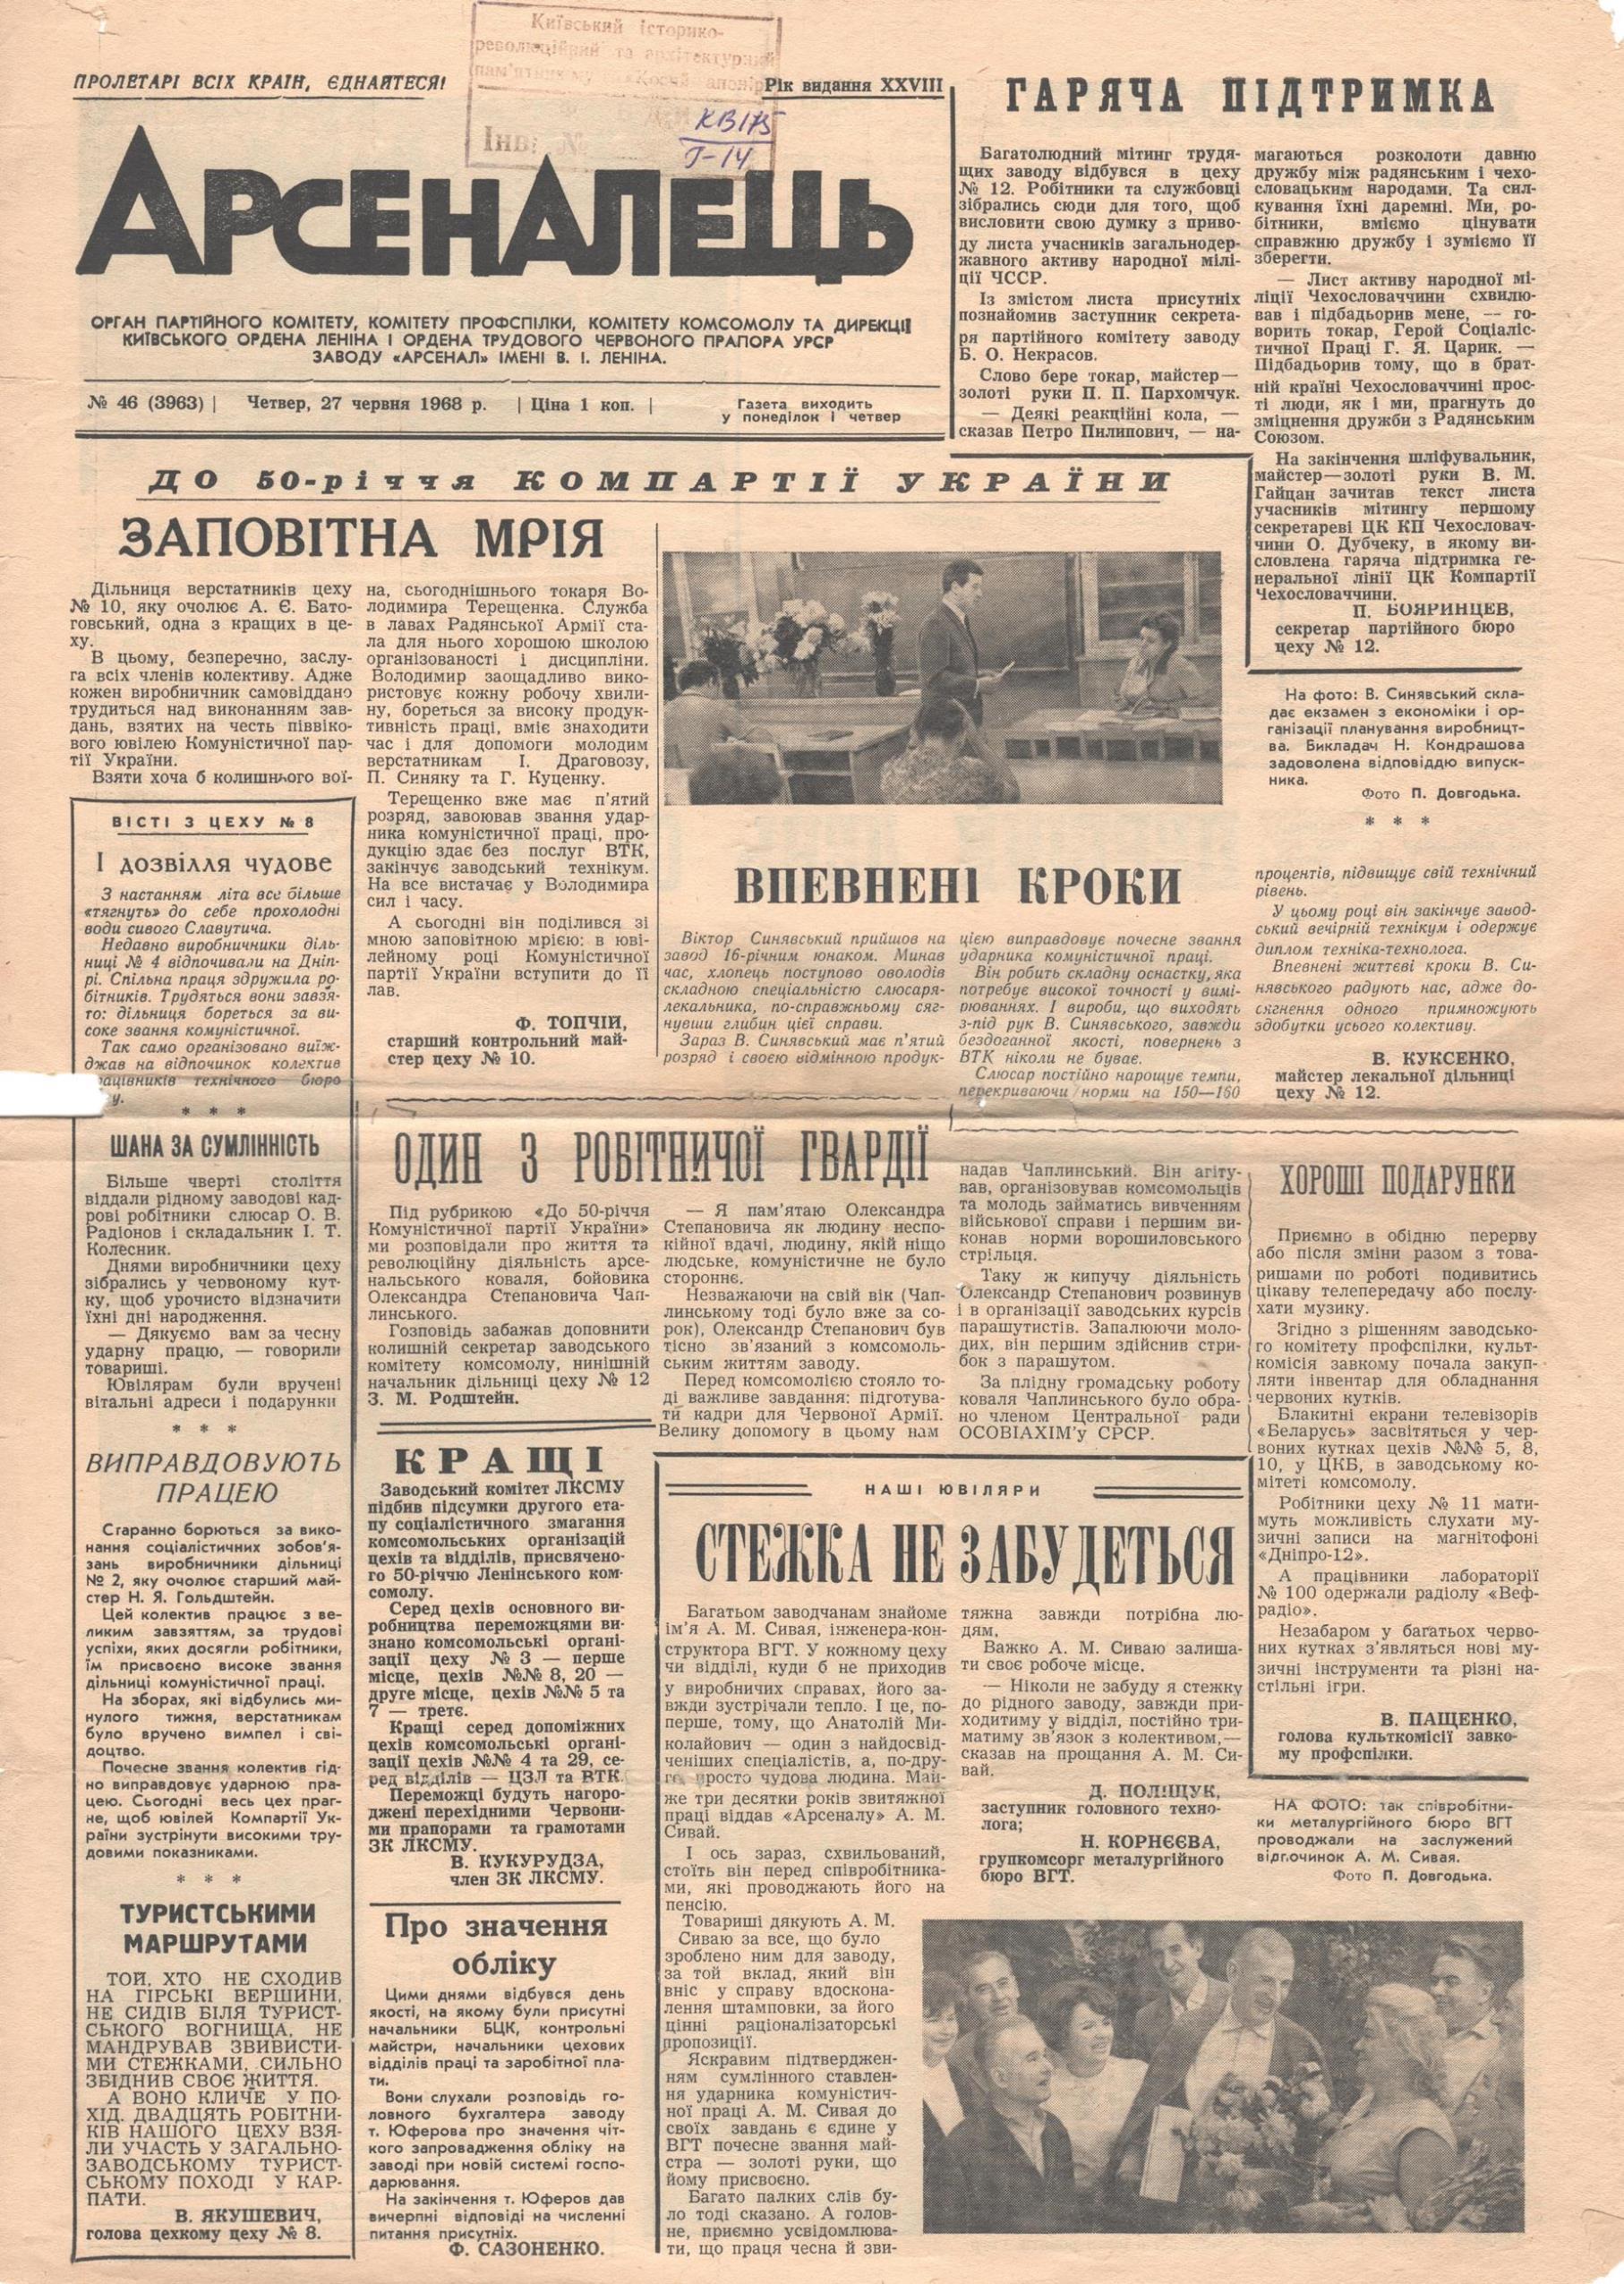 """Газета """"Арсеналець"""". 1968. № 46 (27 червня)"""